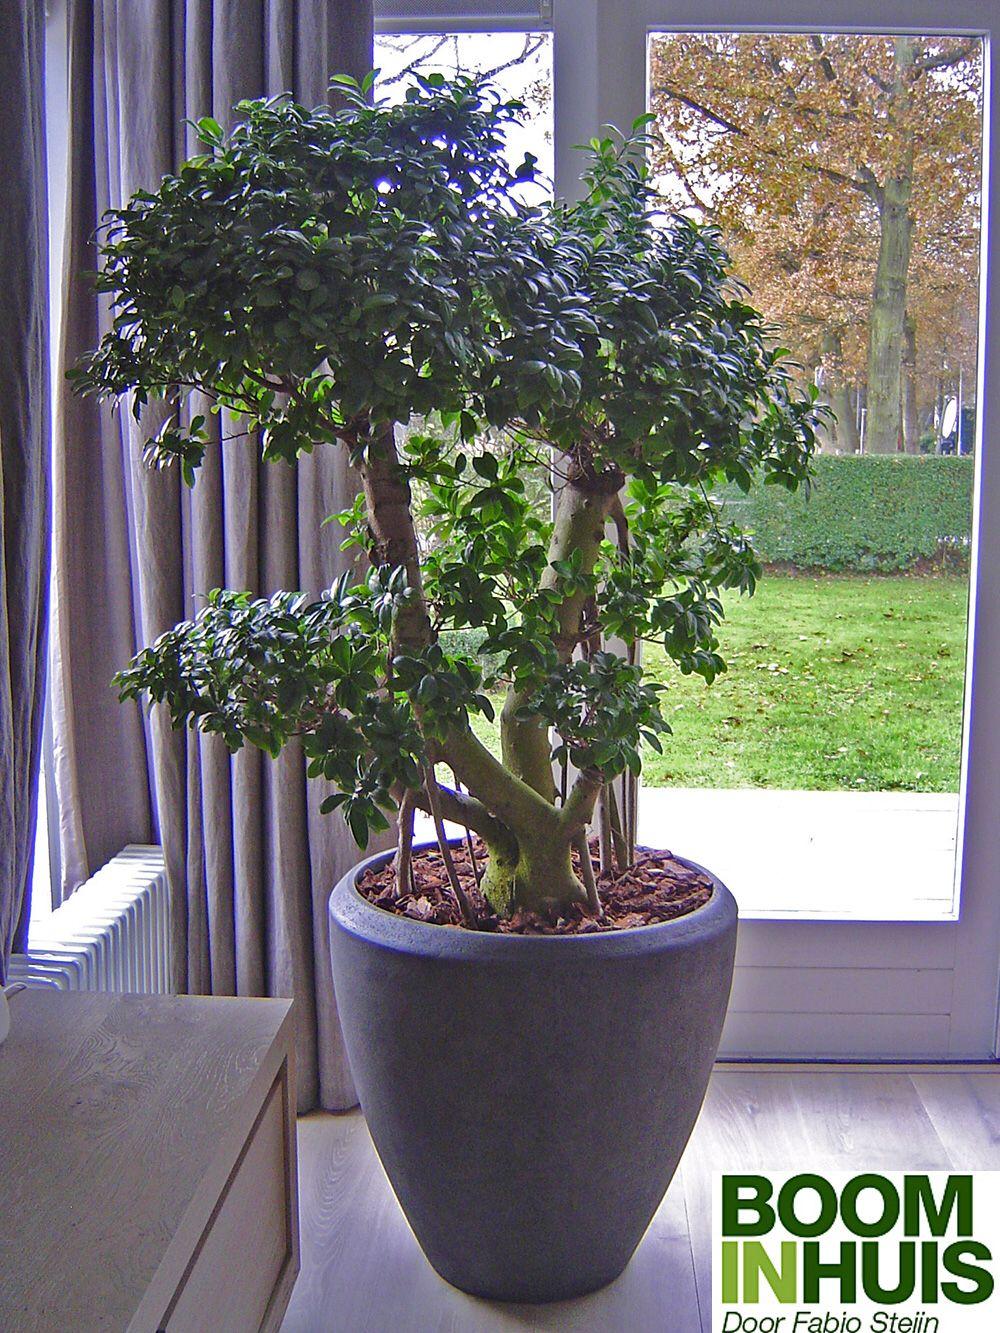 Grote plant in woonkamer  Wonen  Kamerplanten